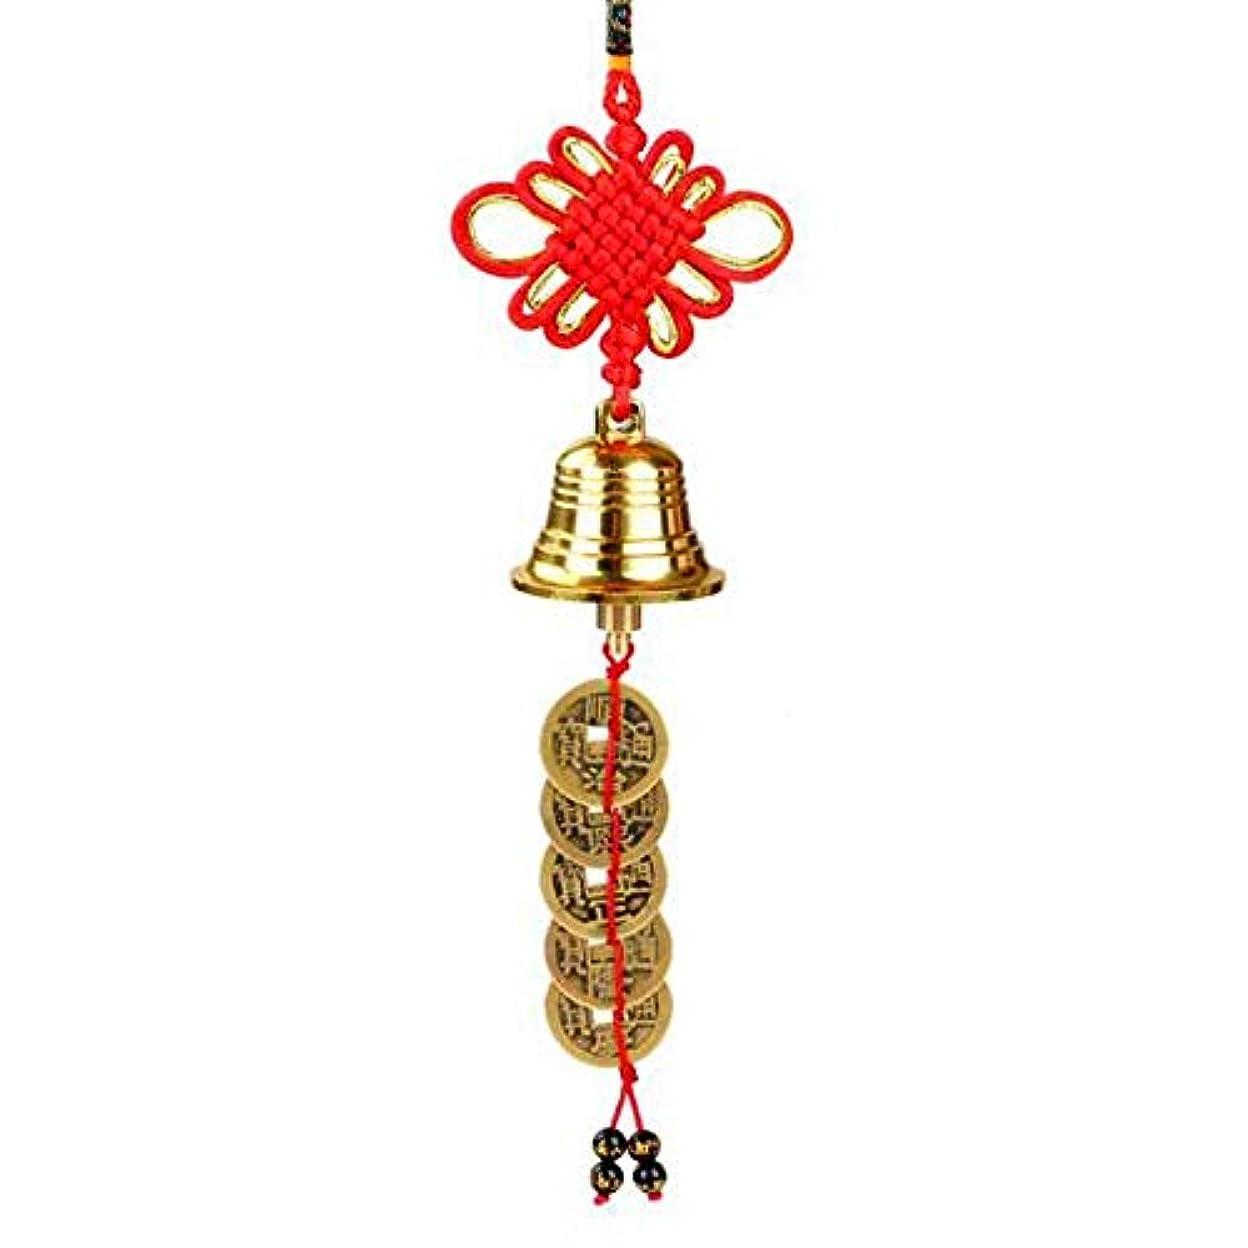 料理をする弱い子供時代Qiyuezhuangshi 風チャイム、中国のノット銅ベルホームデコレーション、ゴールド、サイズ28センチメートル,美しいホリデーギフト (Size : 28*3.8cm)